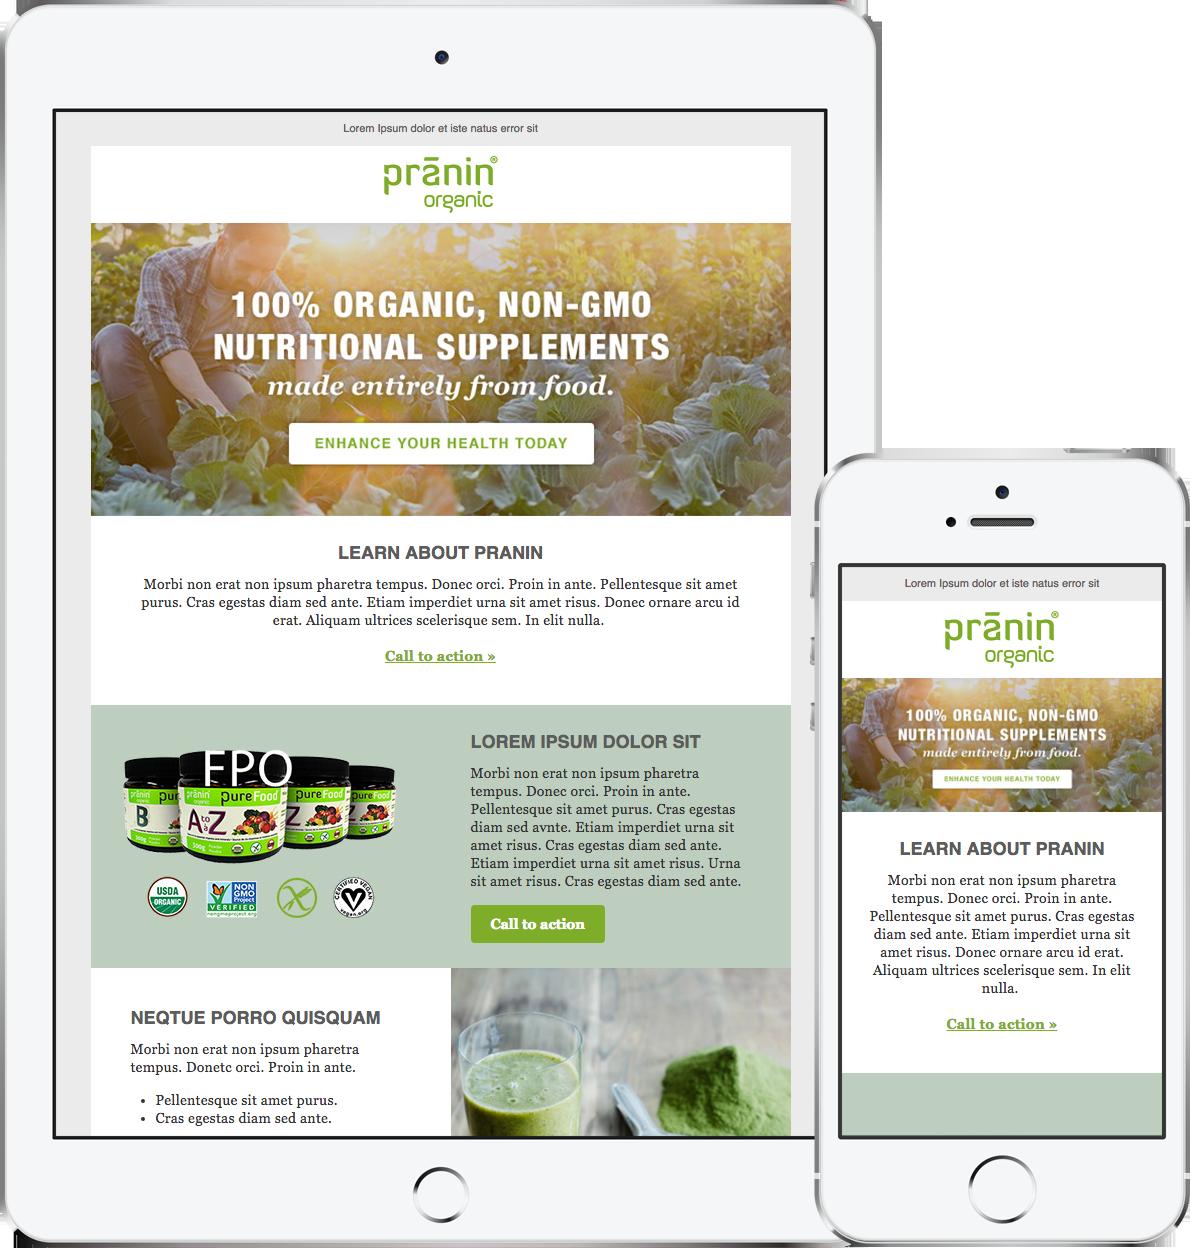 Pranin Organic Newsletter